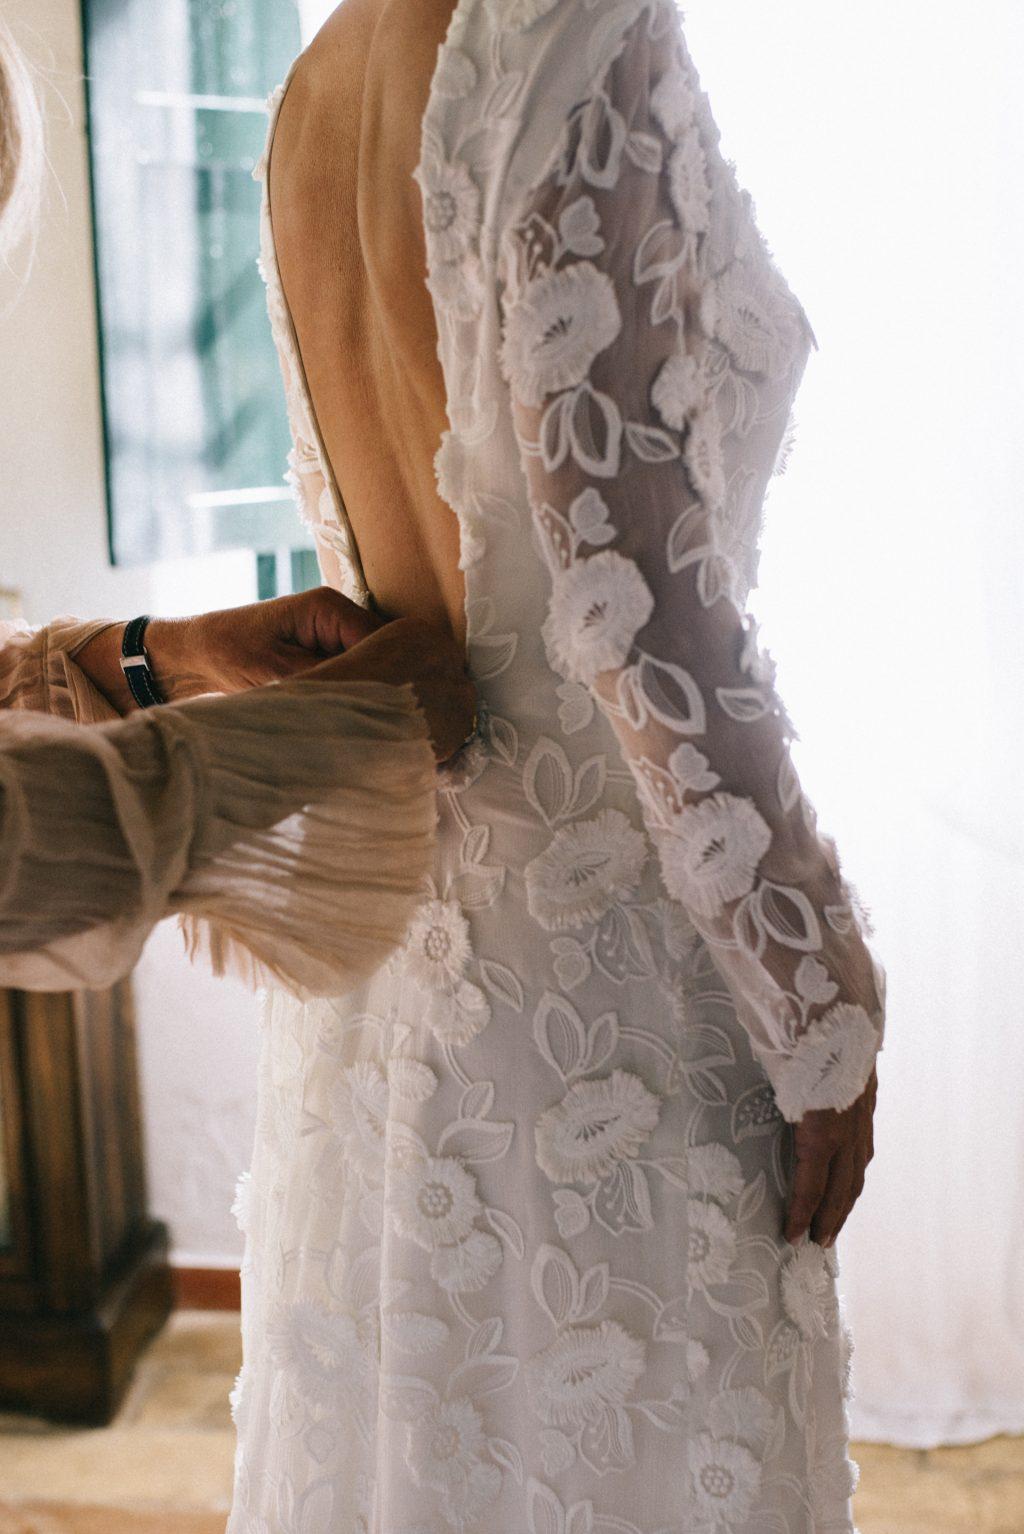 boda civil en hacienda san rafael 34 - La Boda Civil de Géraldine y Jan en Hacienda San Rafael